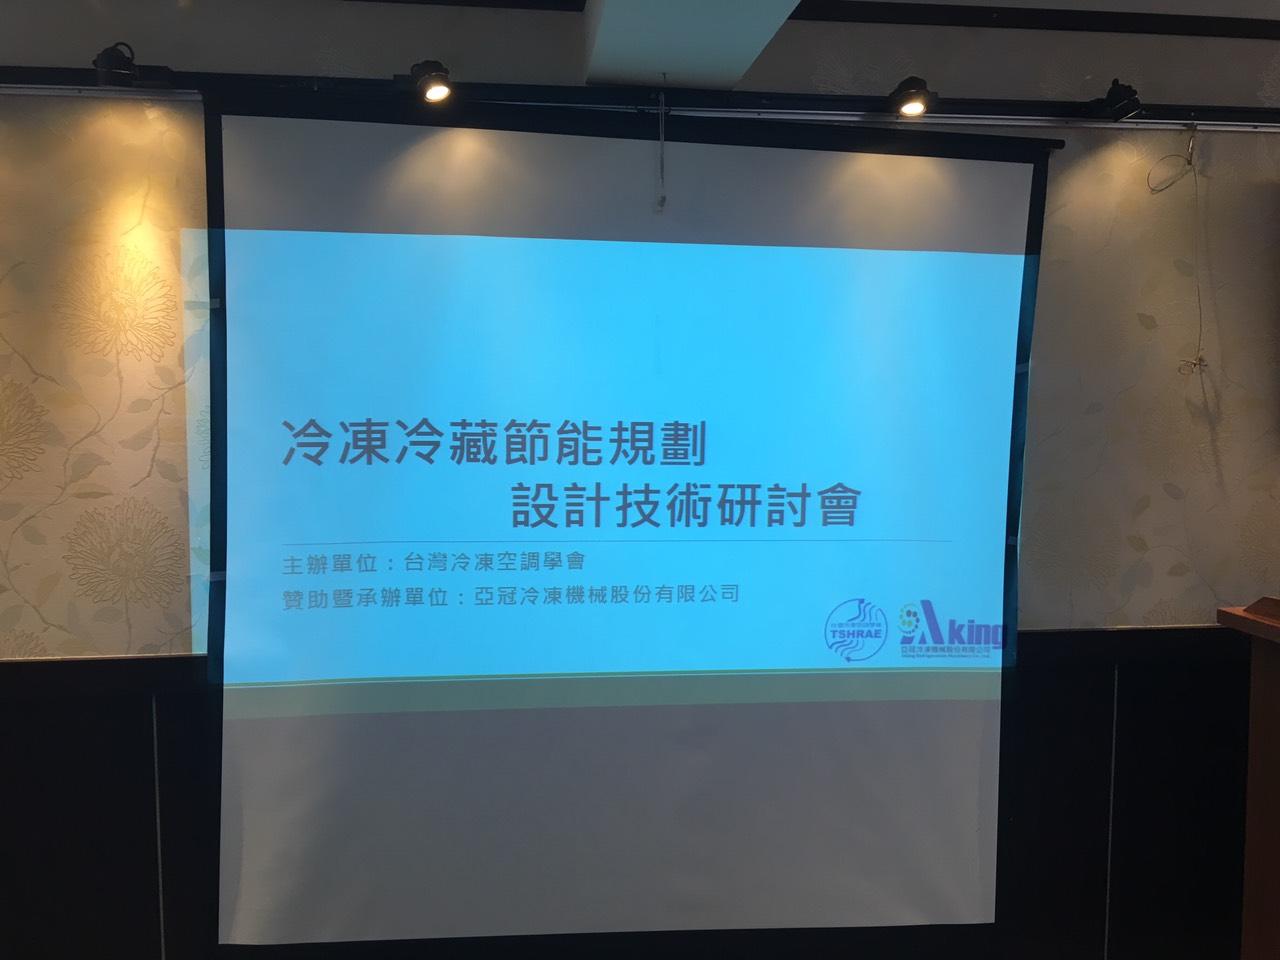 冷凍冷藏節能規劃設計技術研討會簡報